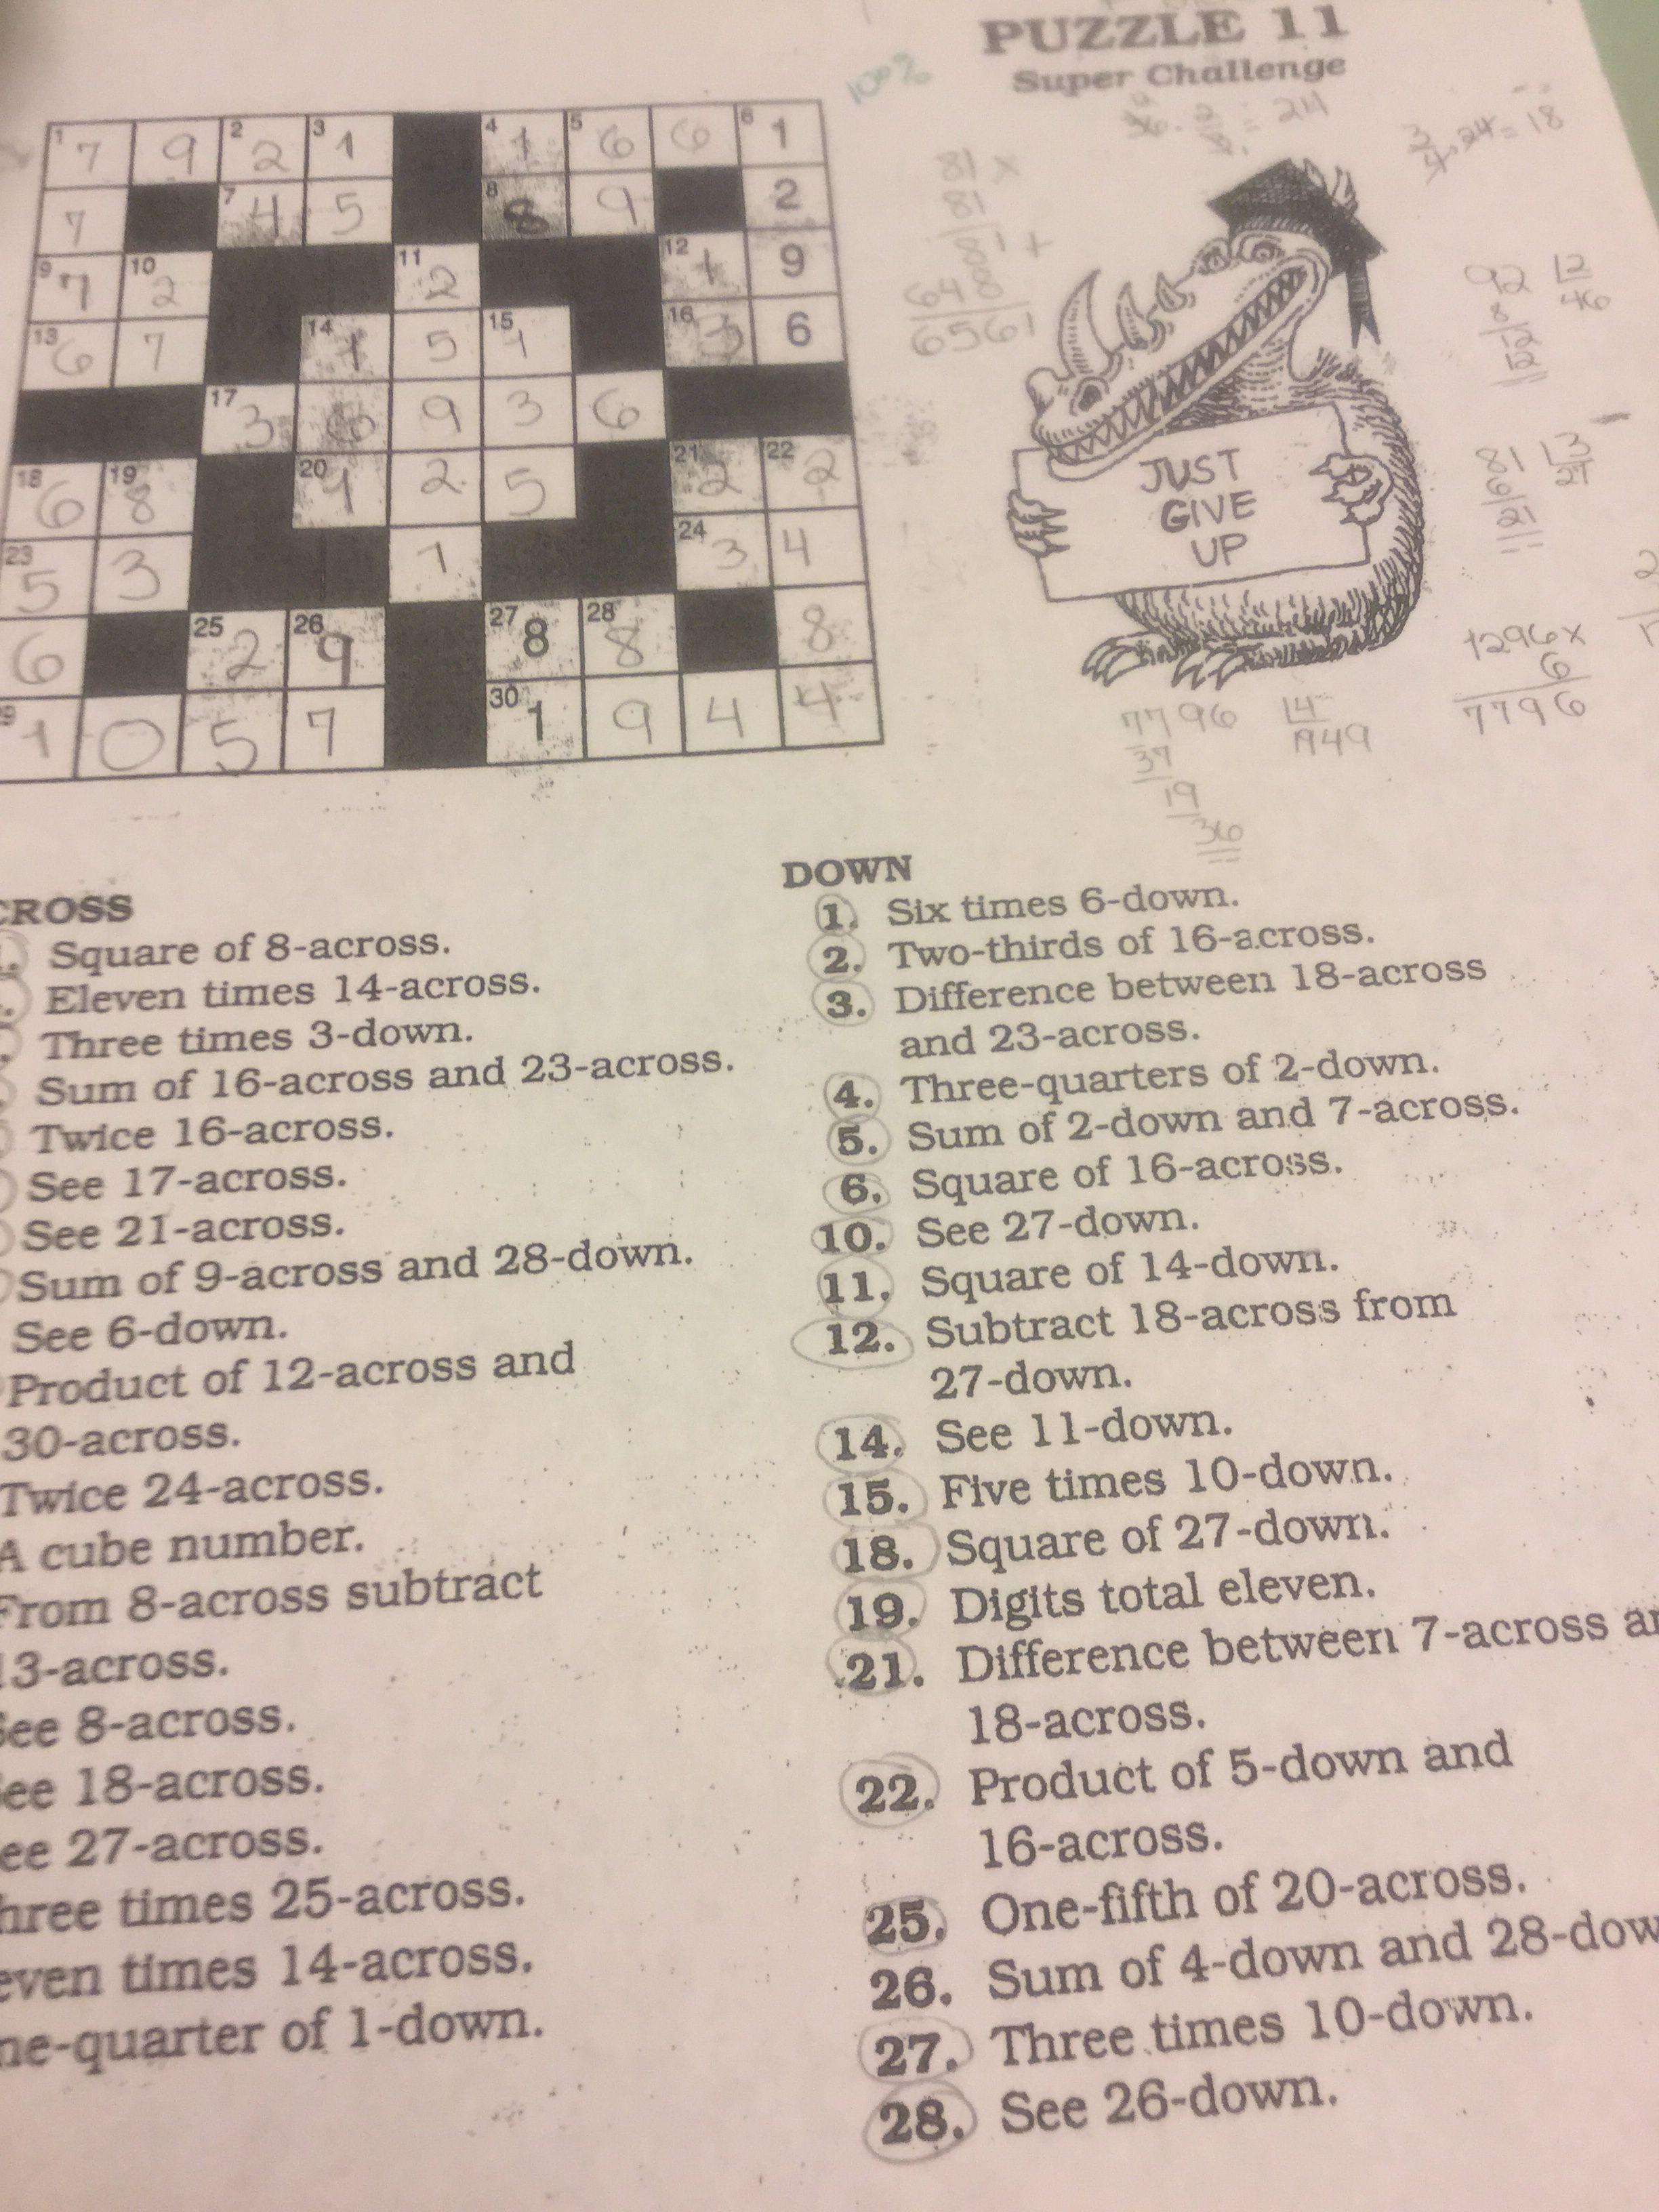 Puzzle 11